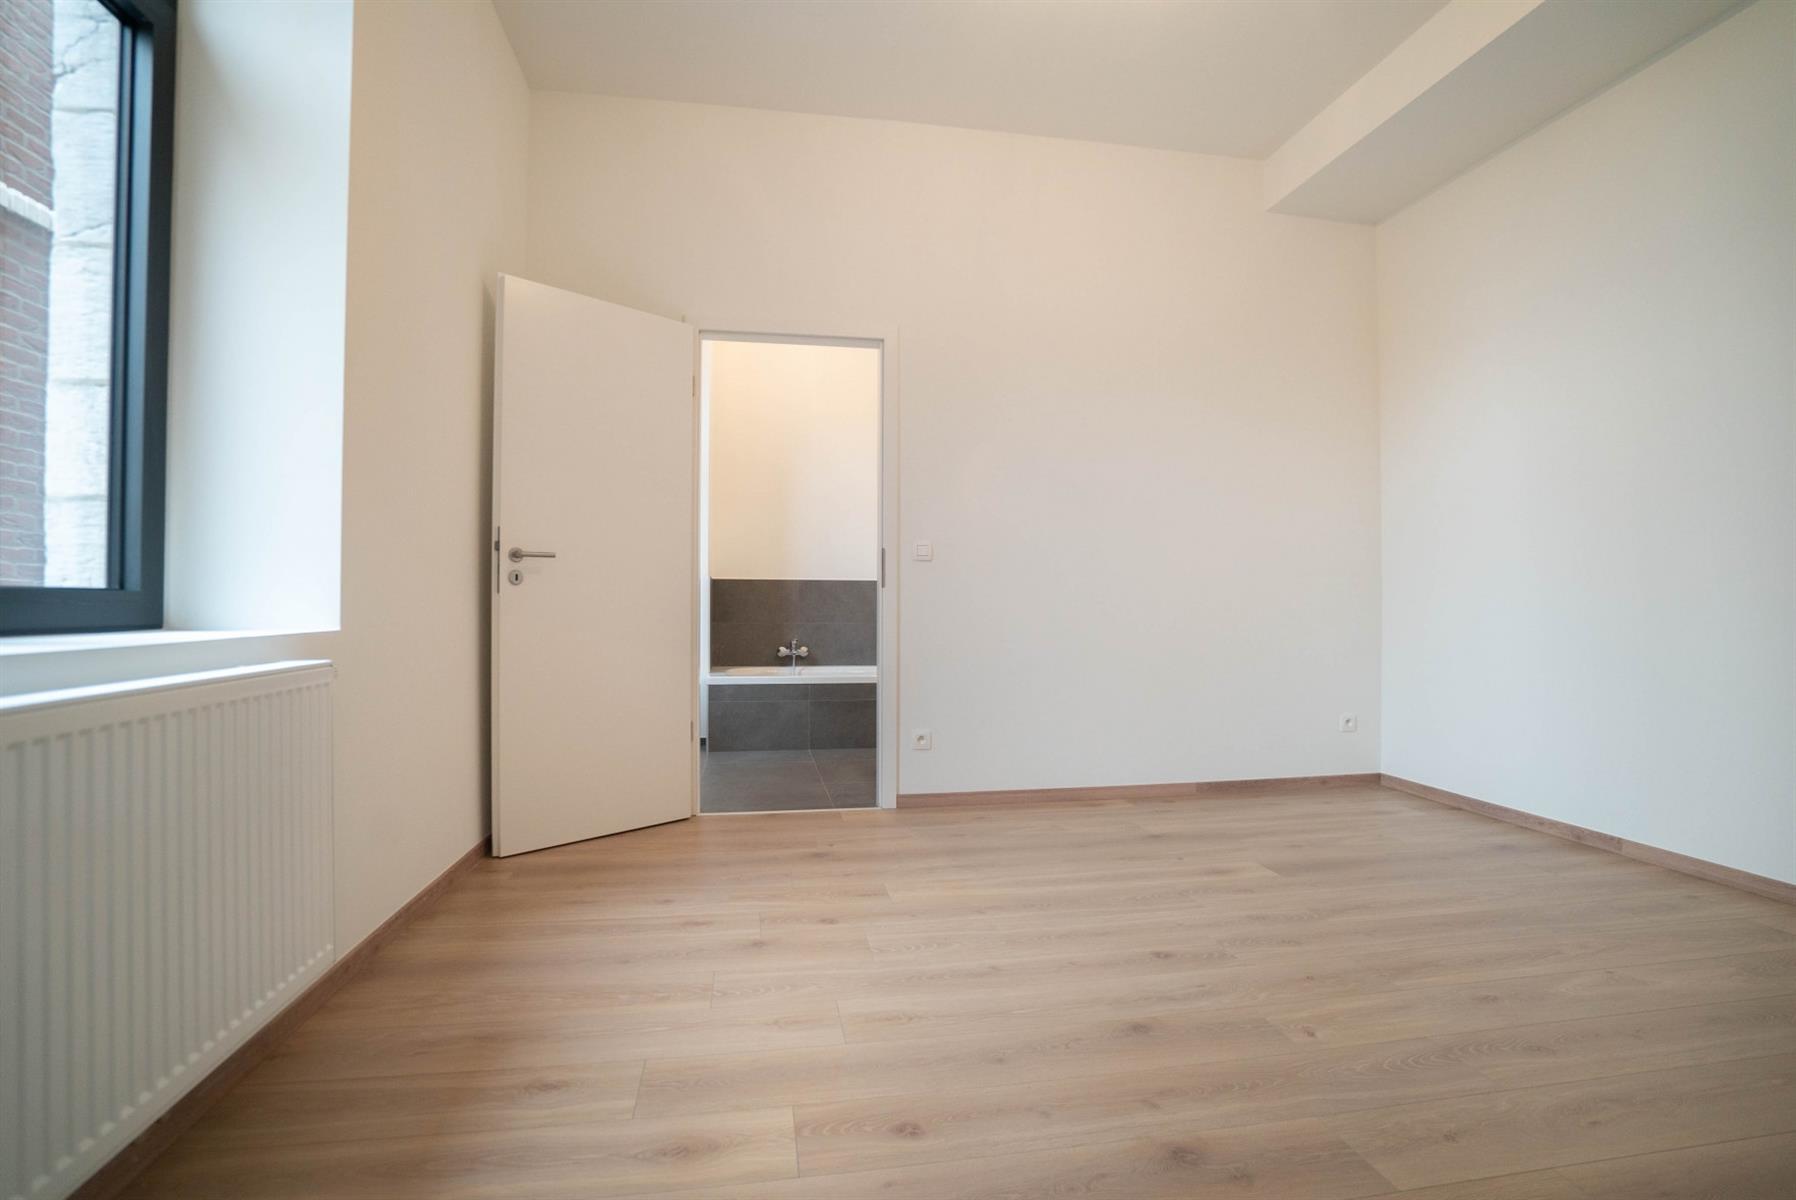 Appartement - Herve - #4157599-6